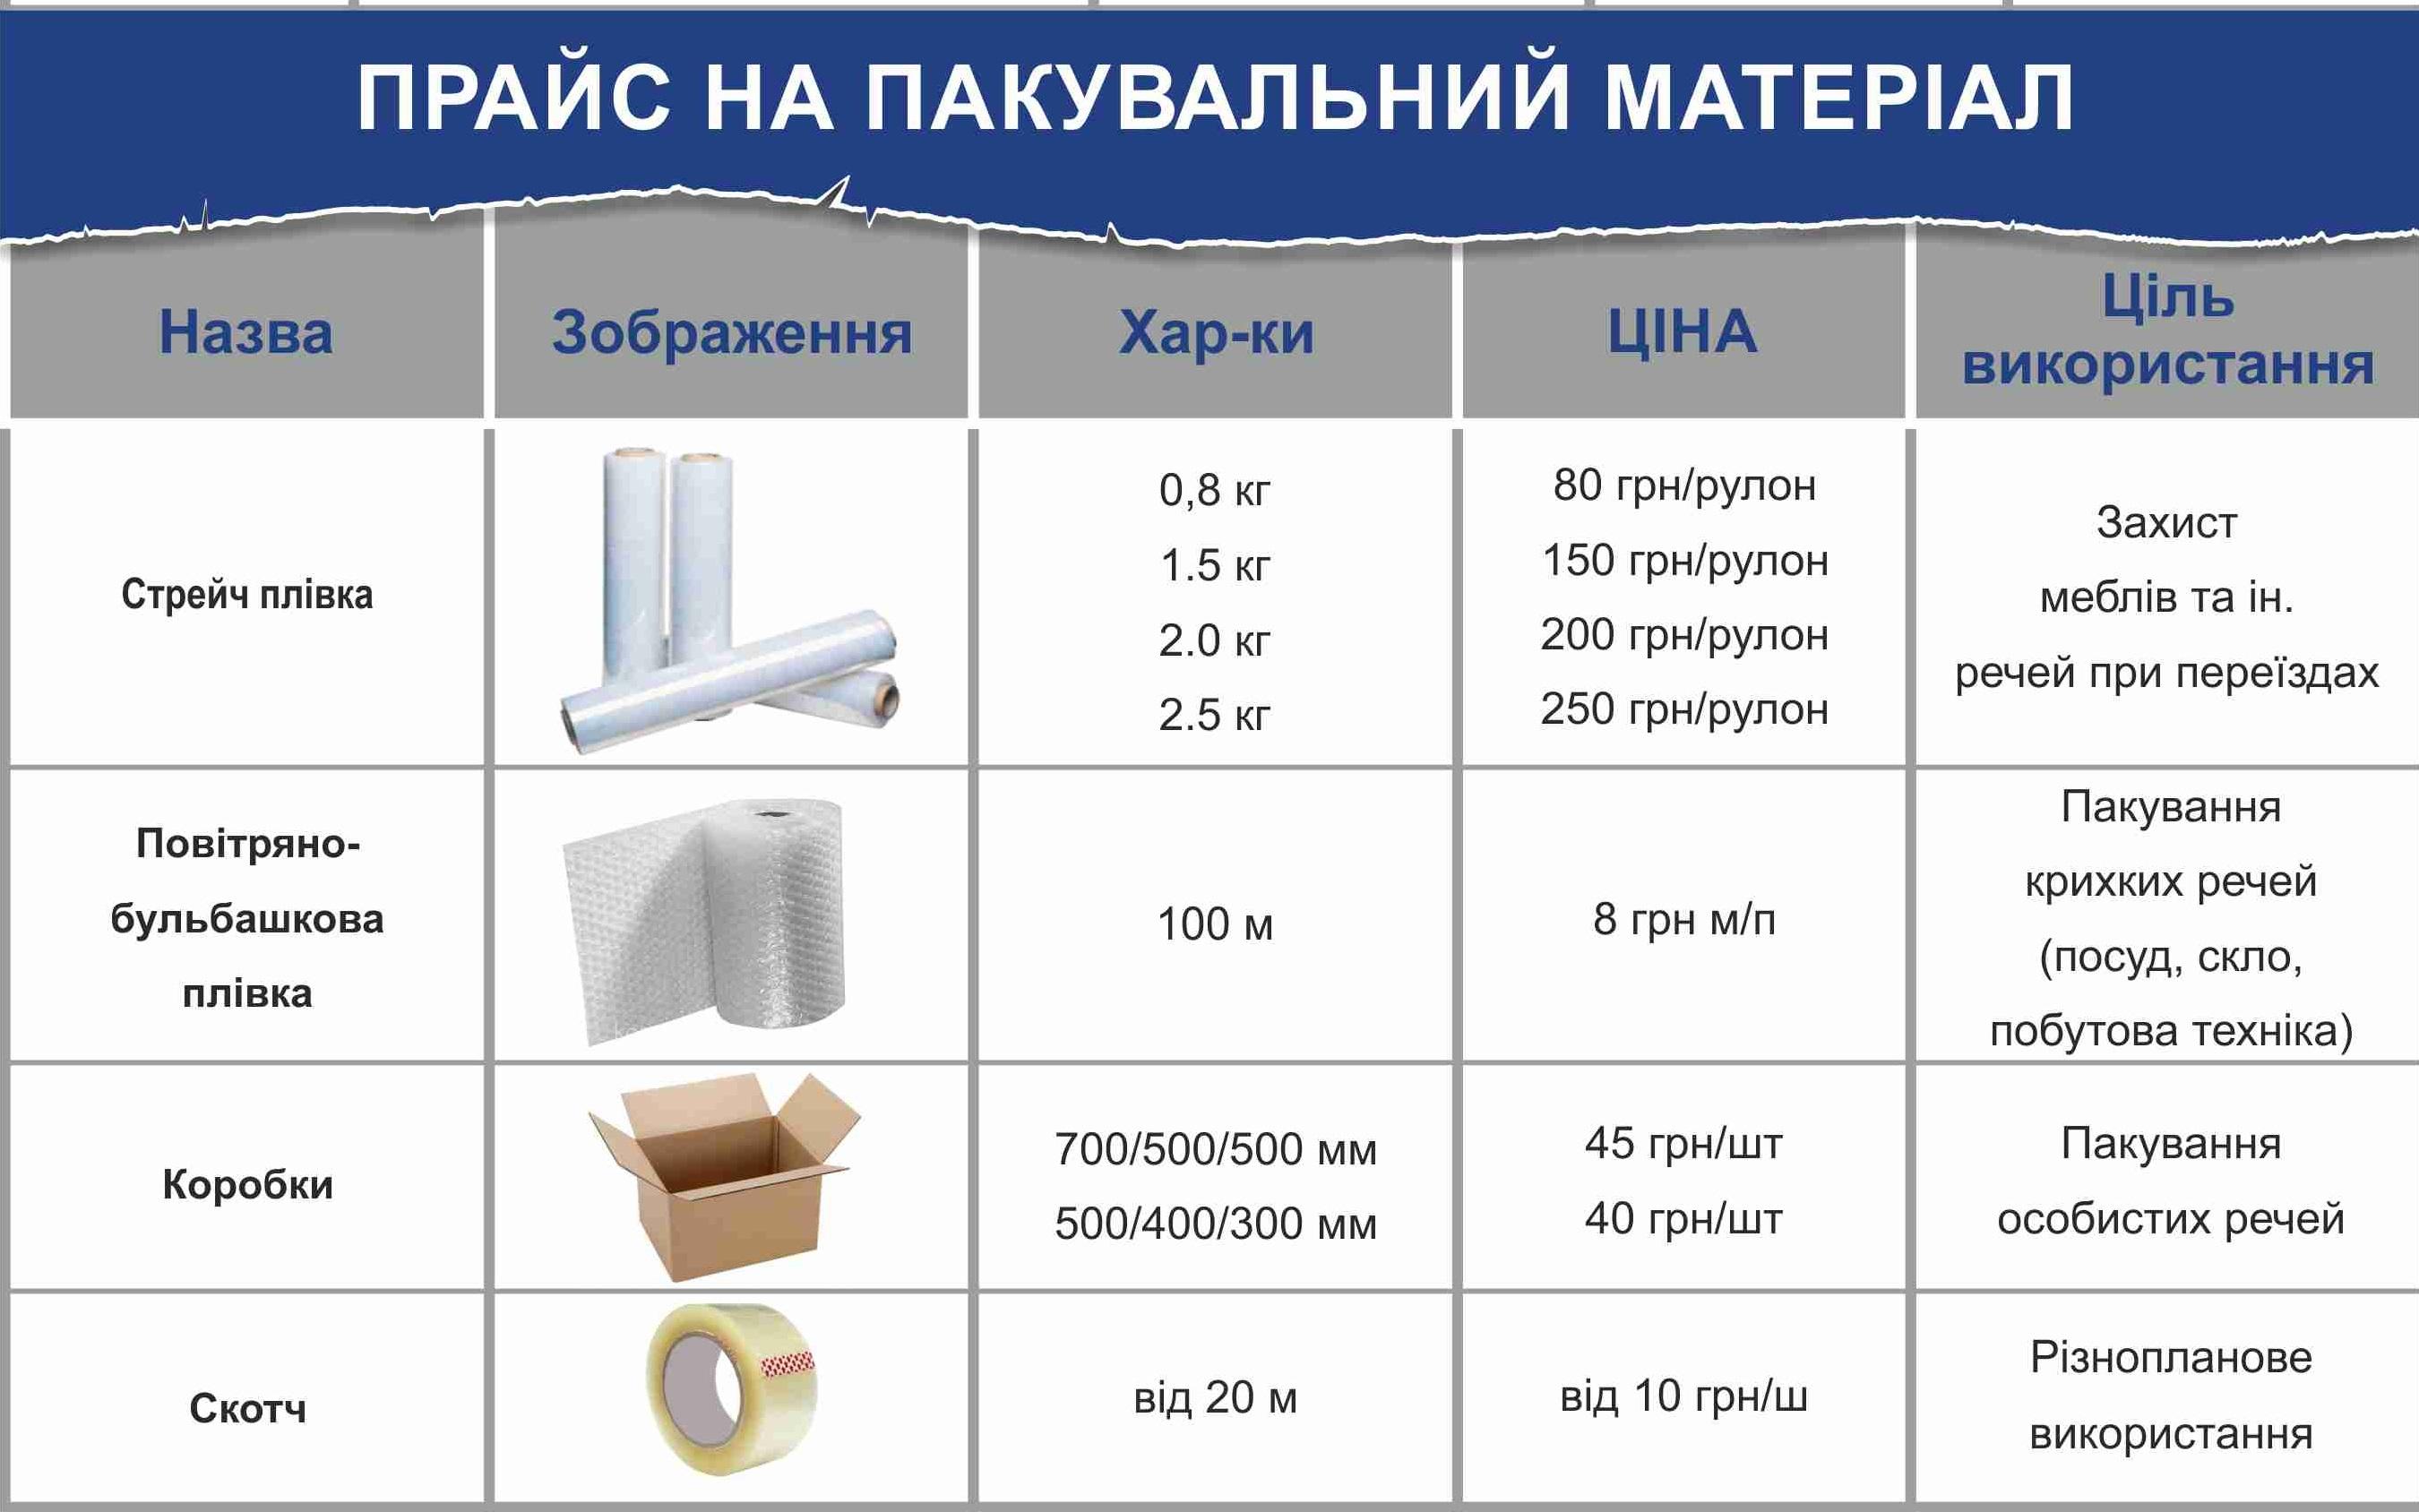 Упаковка: ціни на пакувальні матеріали - Український Богатир